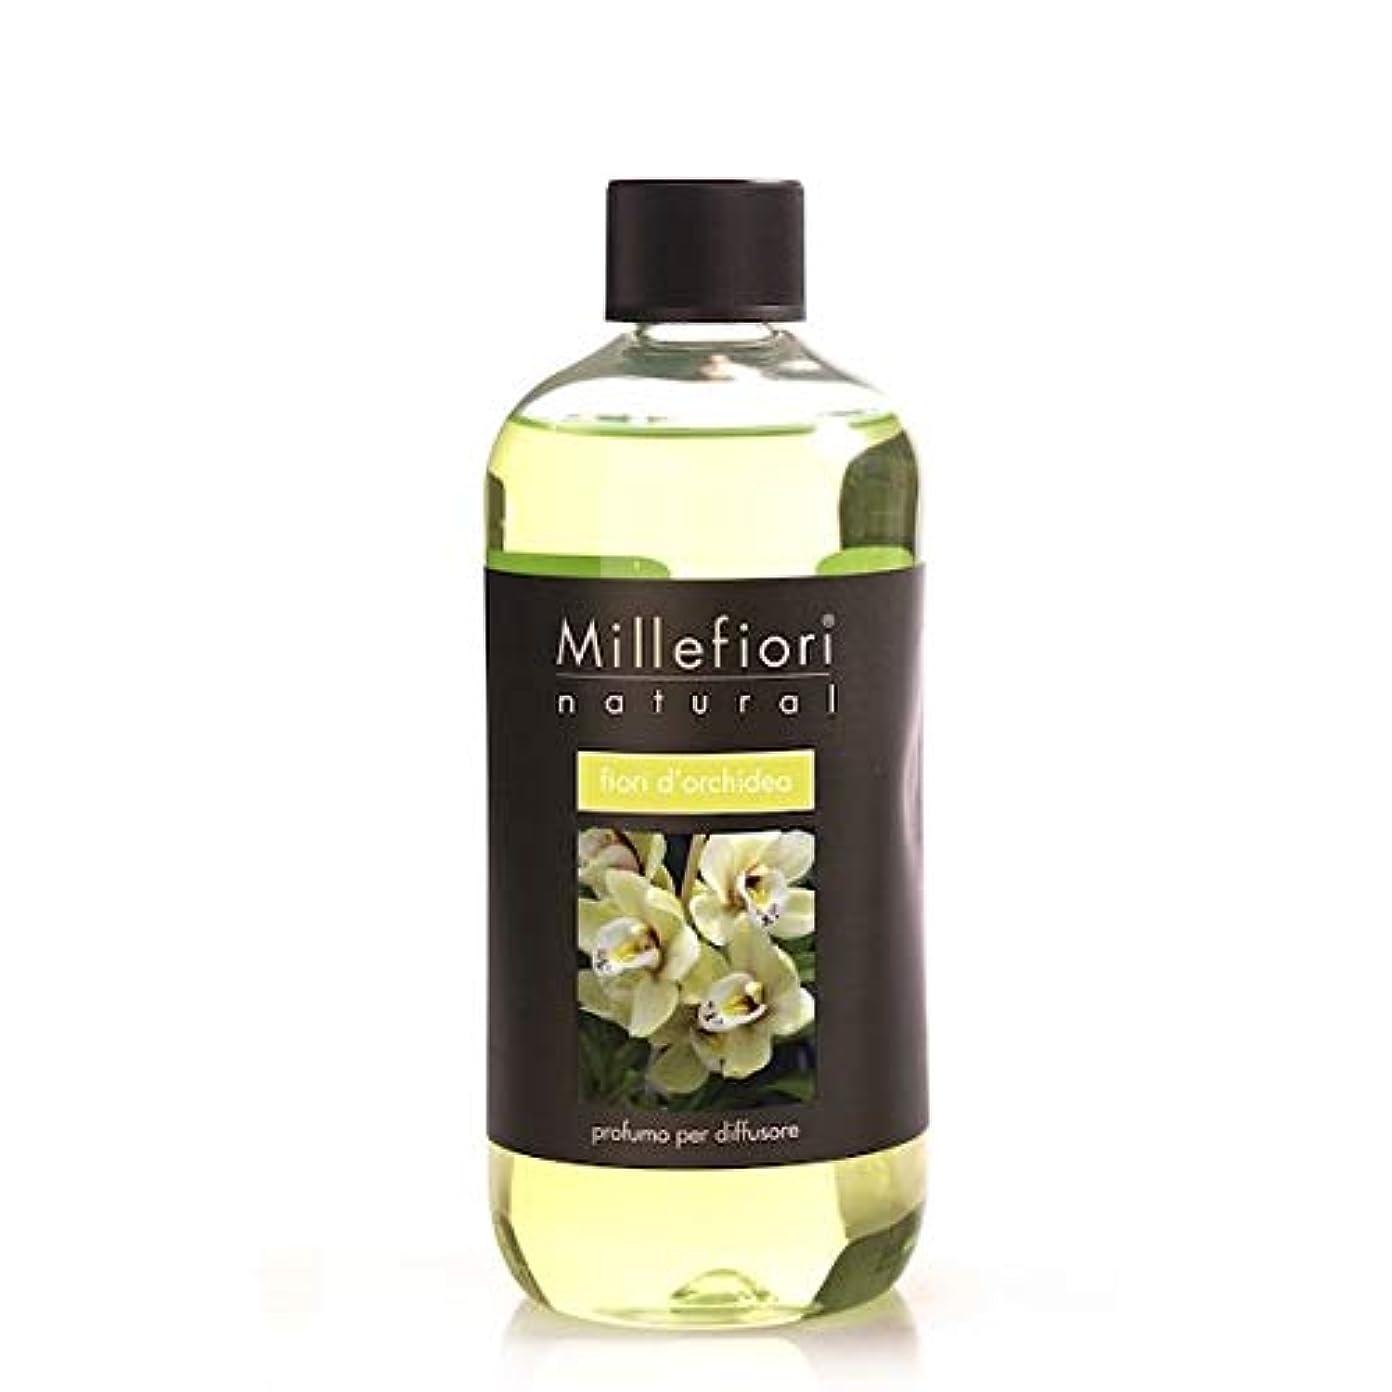 アフリカタイトル毛皮ミッレフィオーリ(Millefiori) Natural オーキッド(FIORI DI ORCHIDEA) 交換用リフィル500ml [並行輸入品]